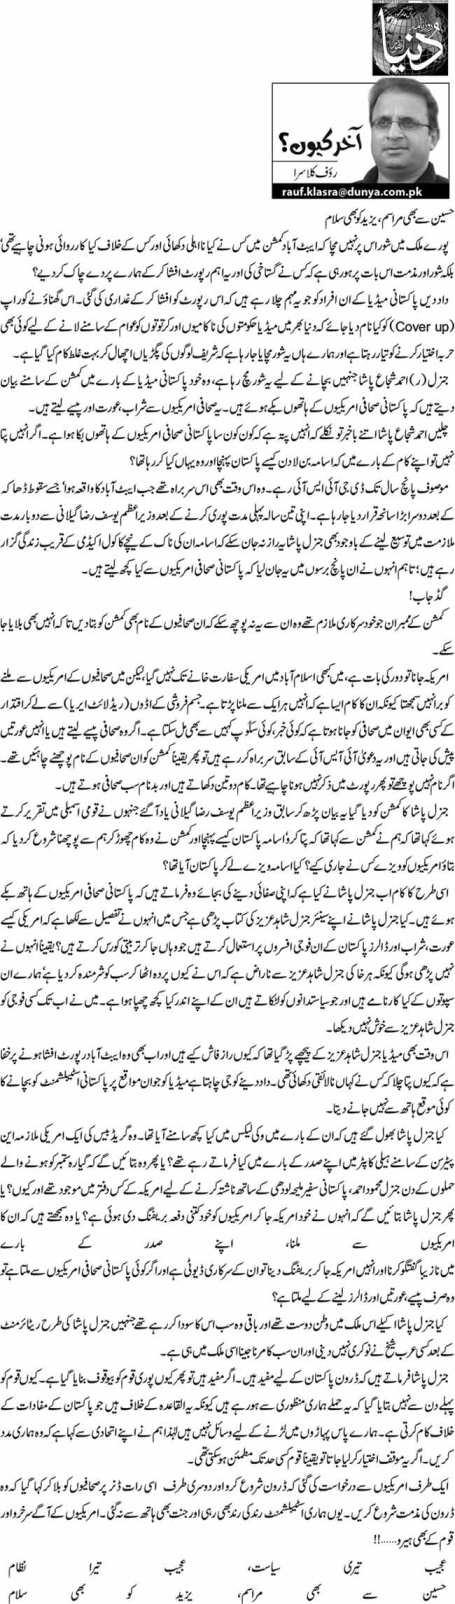 Hussain Se Bhi Marasim, Yazeed Ko Bhi Salam - Rauf Klasra